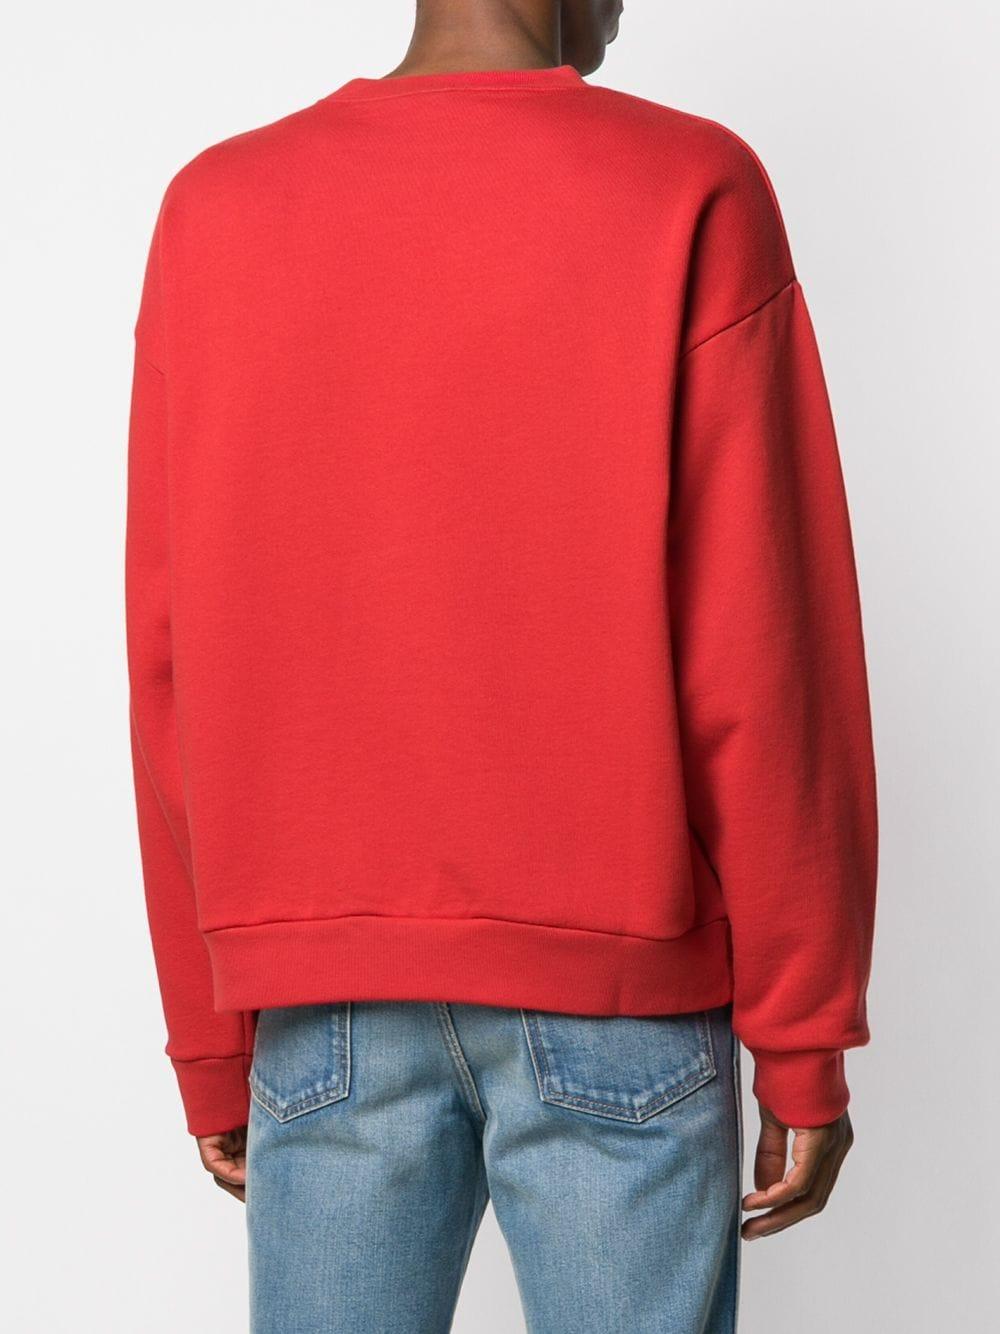 felpa di cotone rossa a maniche lunghe con logo Gucci verticale bianco GUCCI | Maglieria Moda | 599345-XJB1C6068